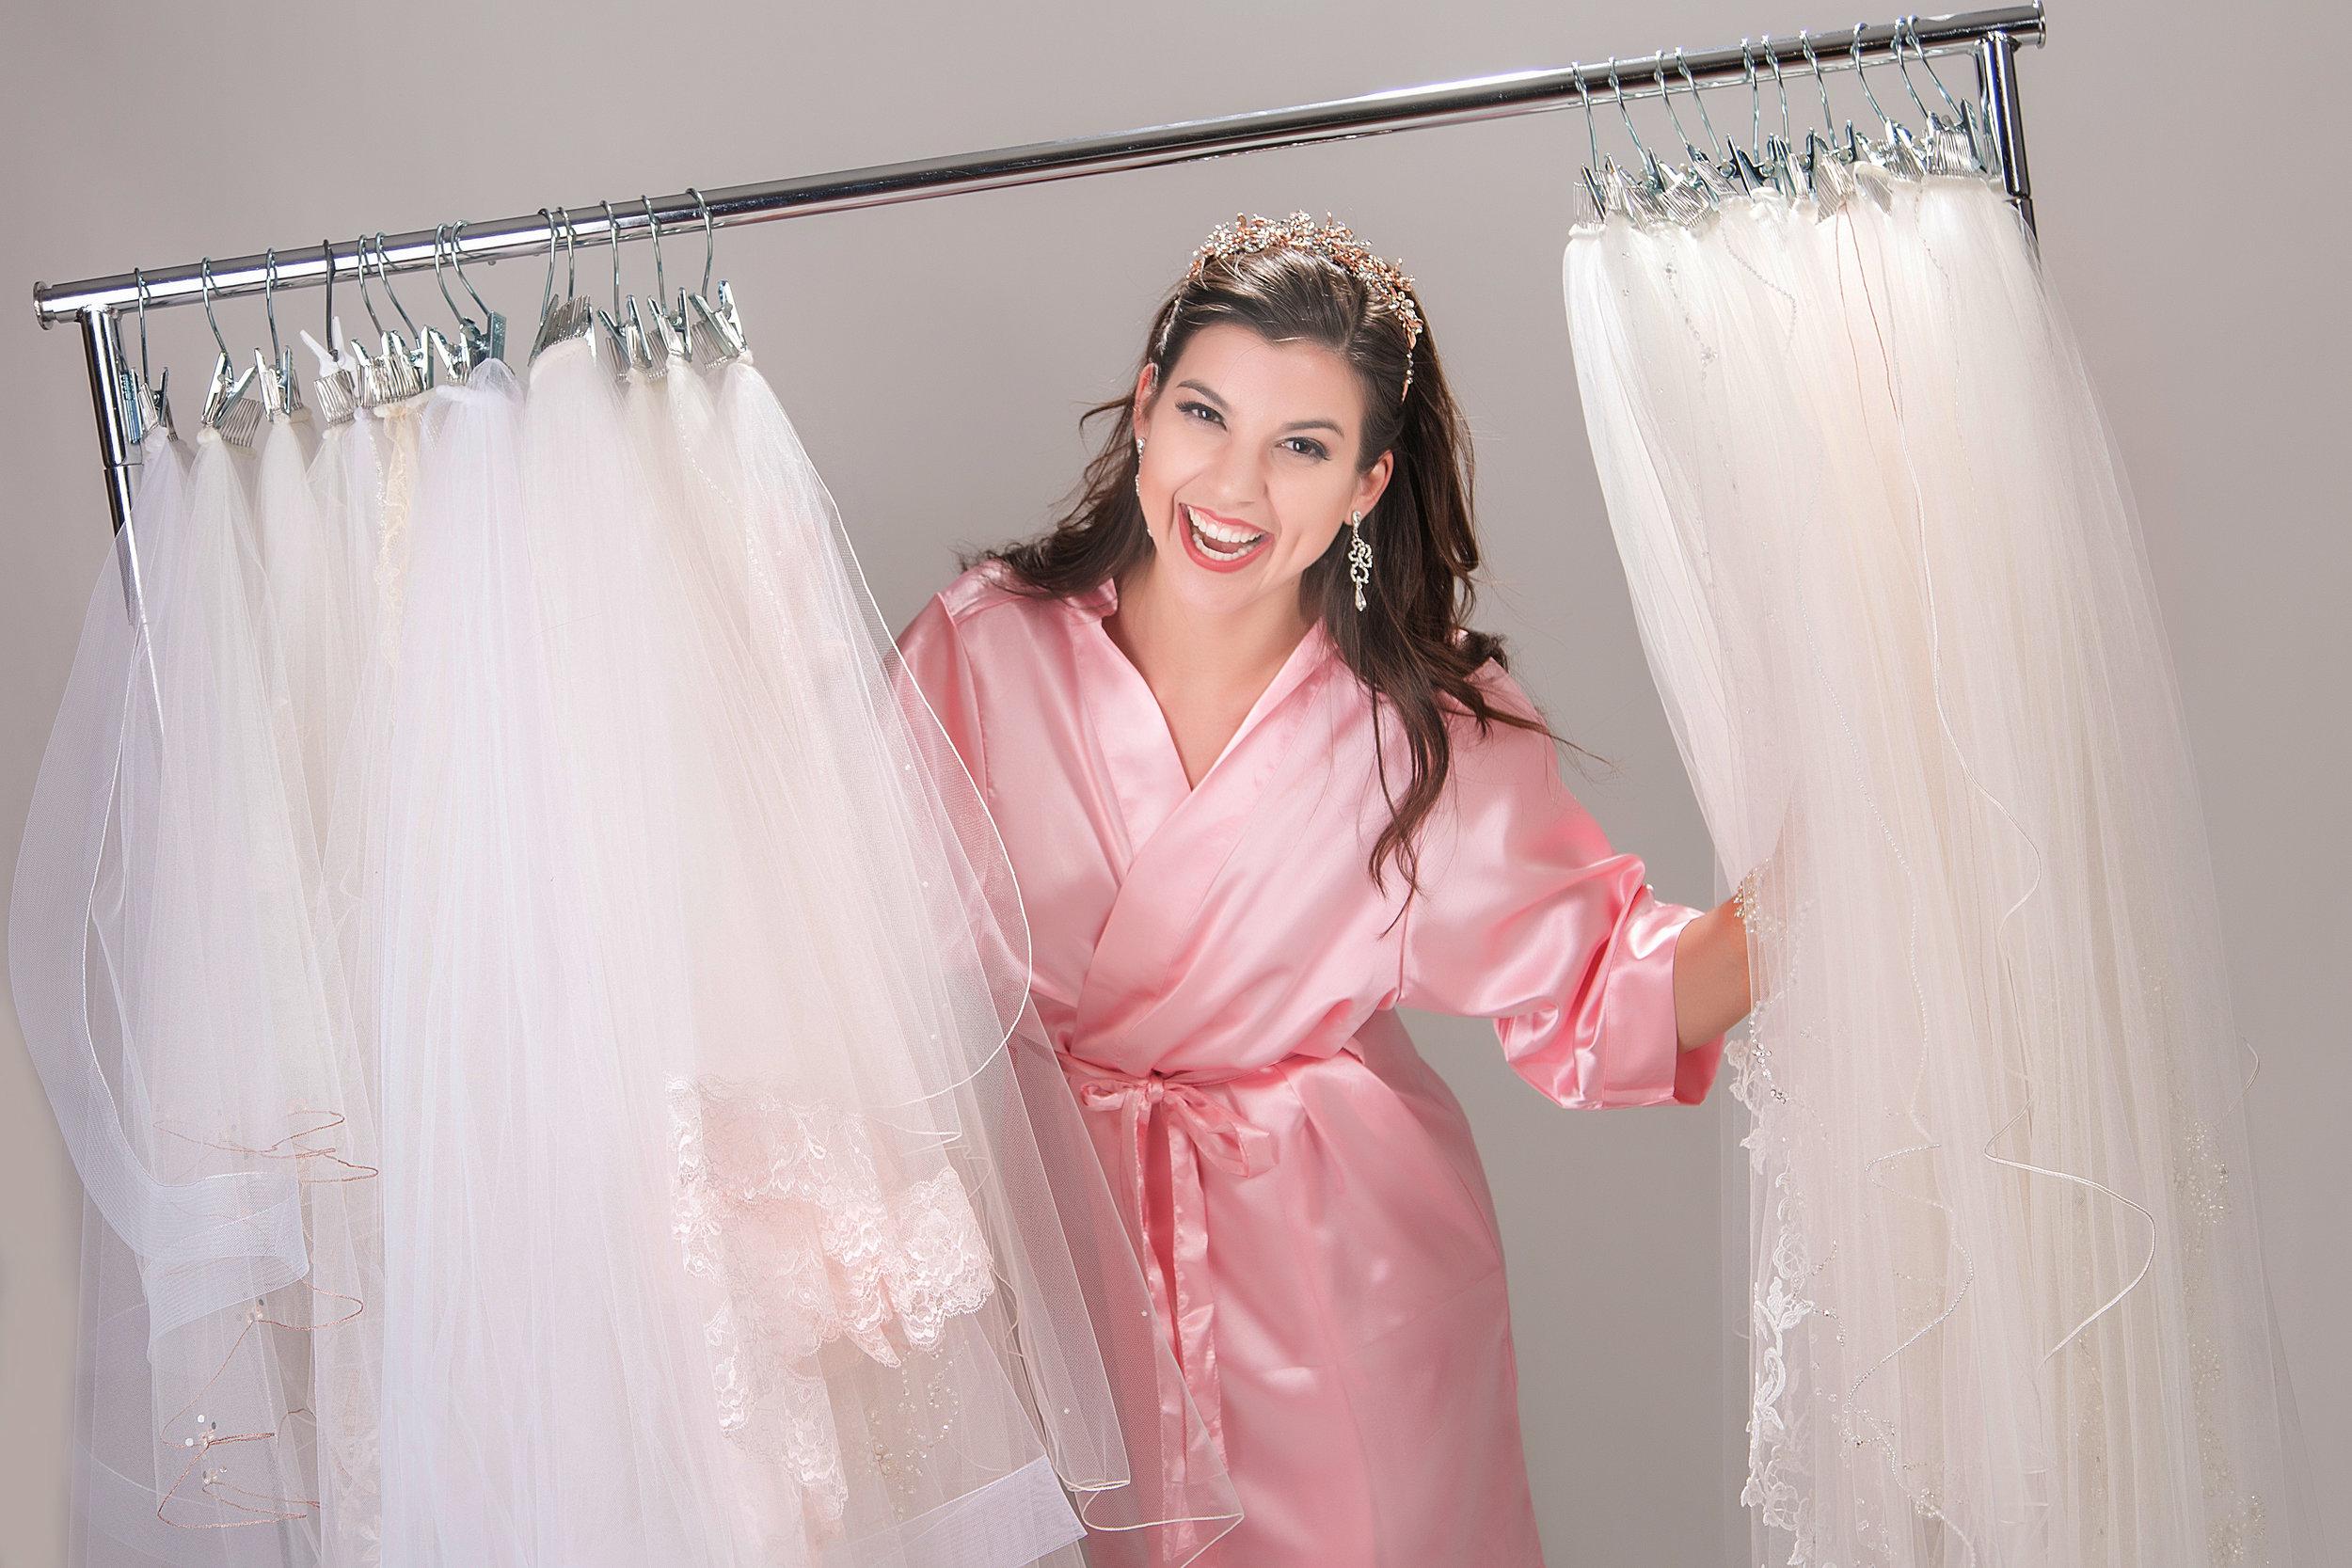 Hermosa Vestido De Boda Minneapolis Modelo - Colección del Vestido ...